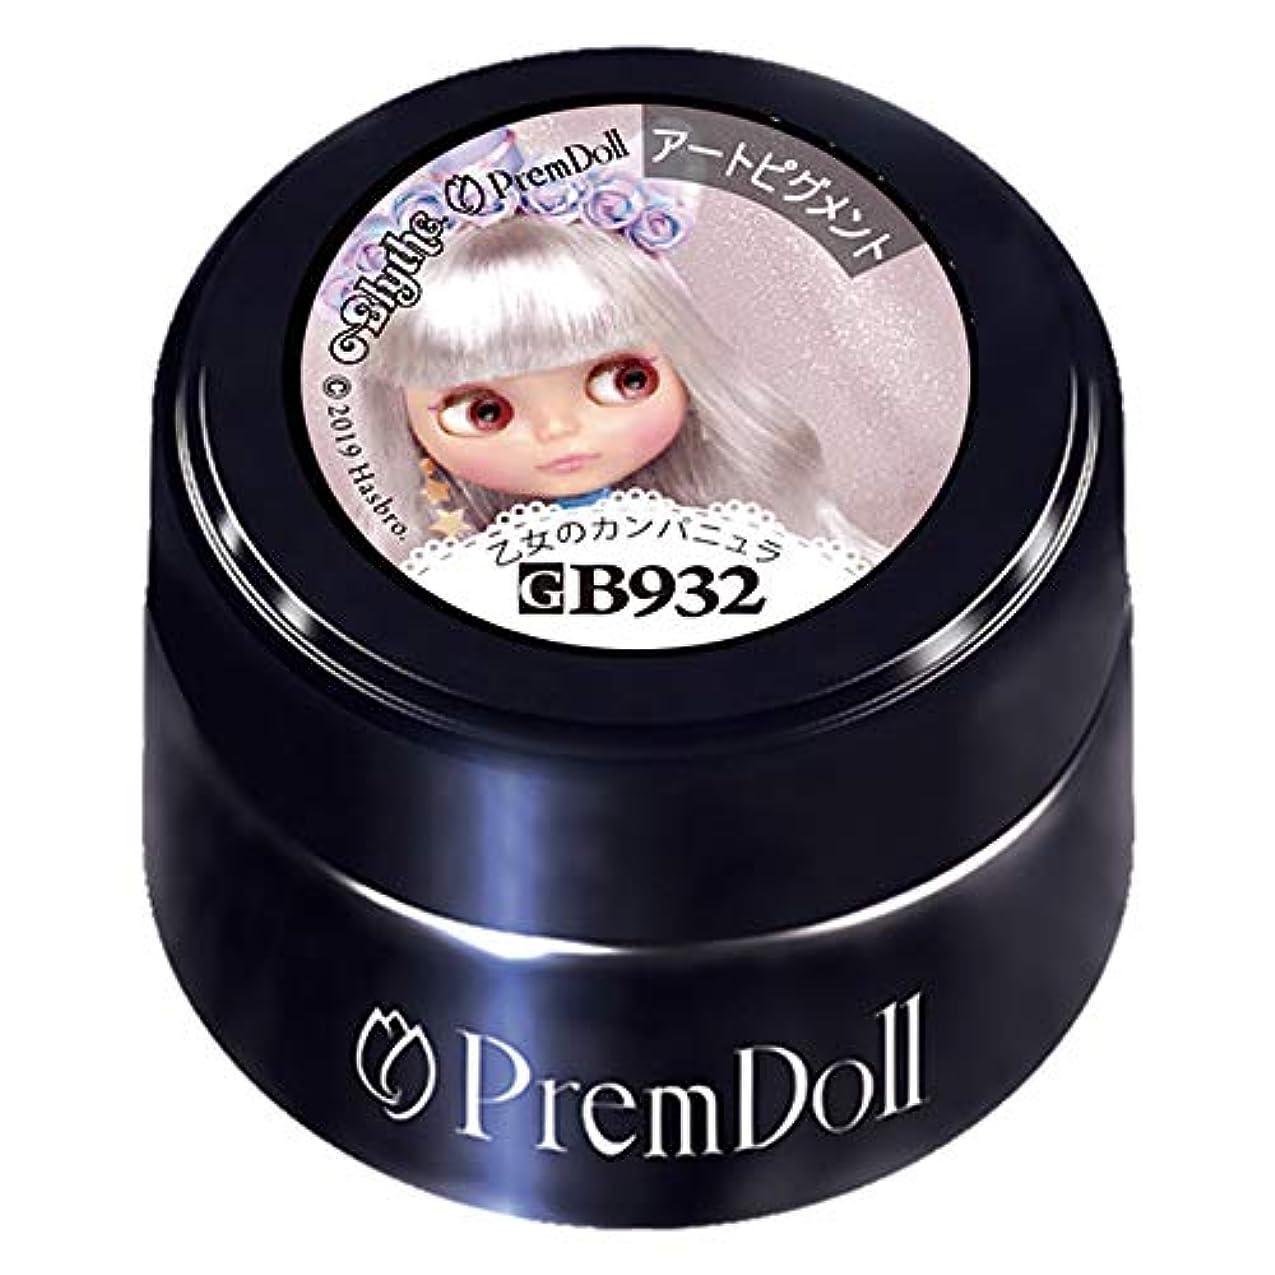 カウボーイエキスパート消費PRE GEL プリムドール 乙女のカンパニュラ 3g DOLL-B932 カラージェル UV/LED対応